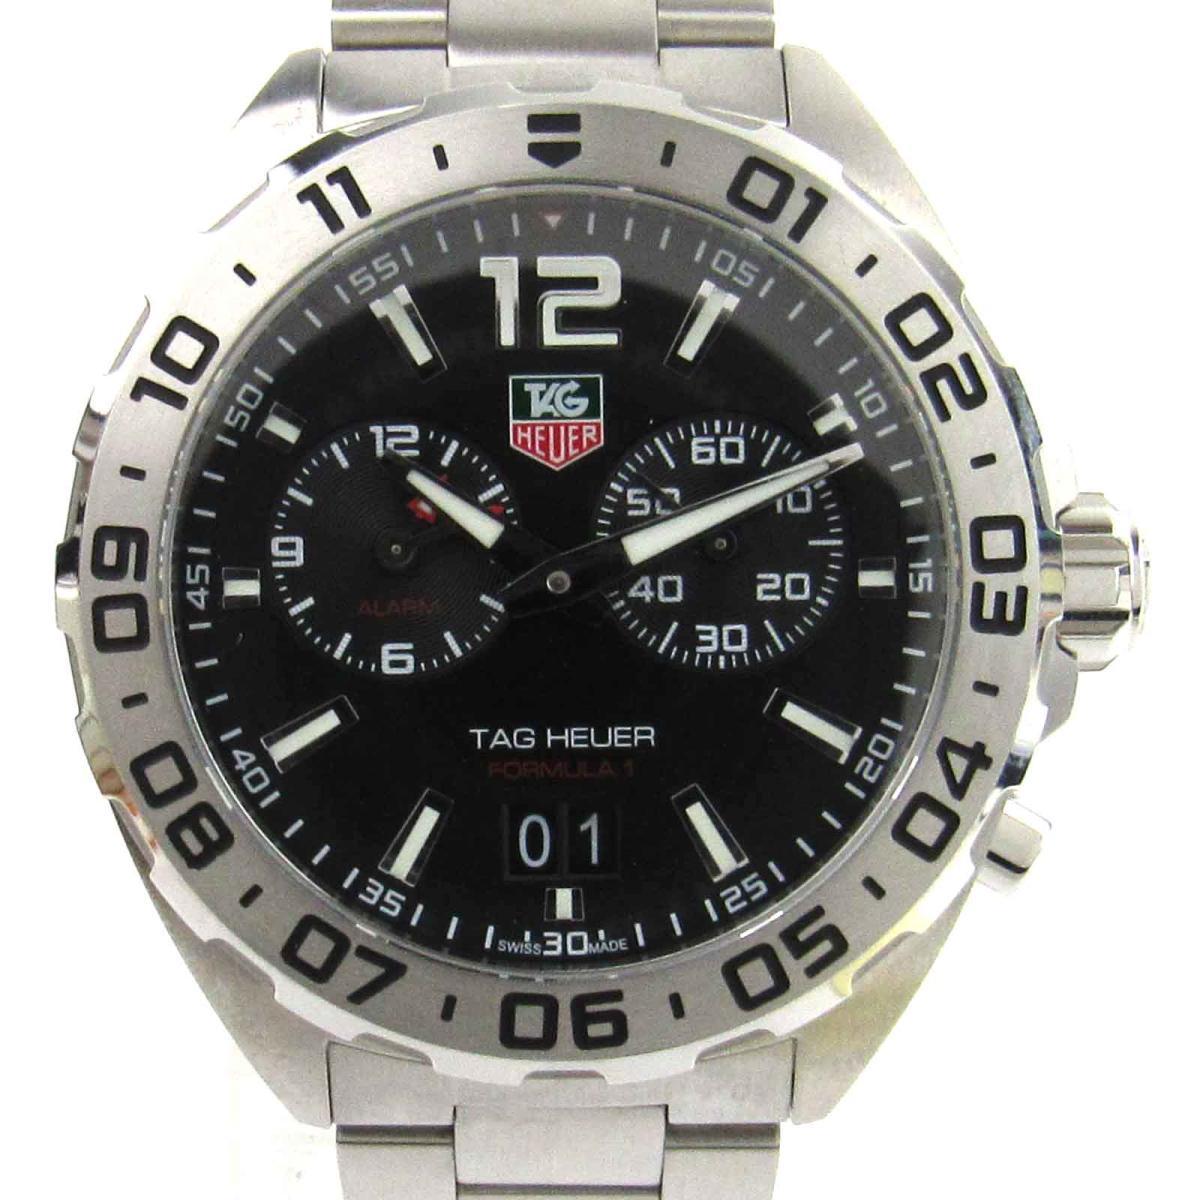 【中古】 タグ・ホイヤー フォーミュラ1 ウォッチ 腕時計 メンズ ステンレススチール (SS) (WAZ111A) | TAG HEUER BRANDOFF ブランドオフ ブランド ブランド時計 ブランド腕時計 時計